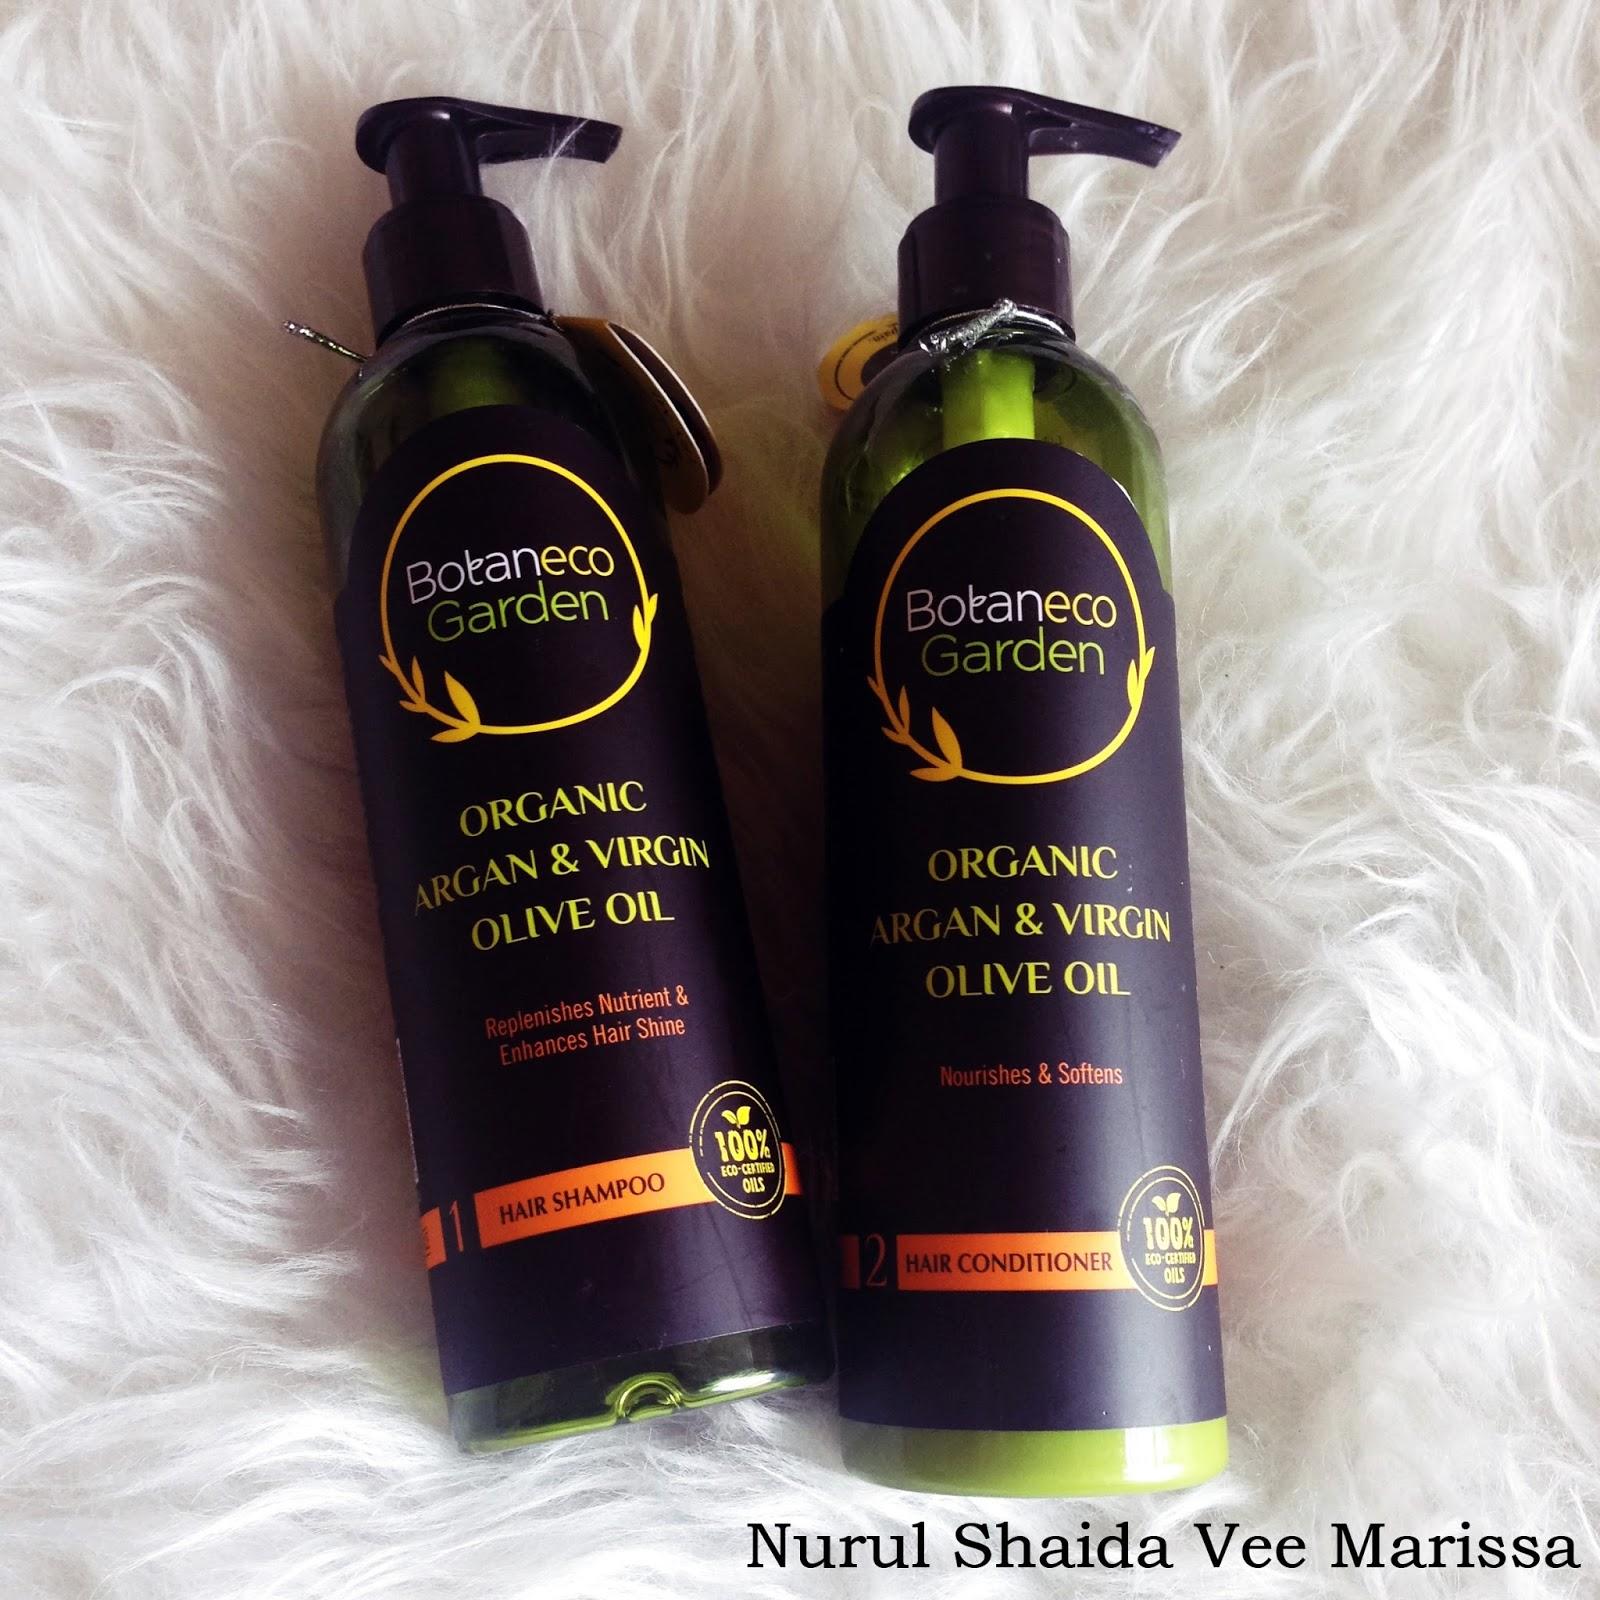 Product Review: Botaneco Garden Organic Argan & Virgin ...